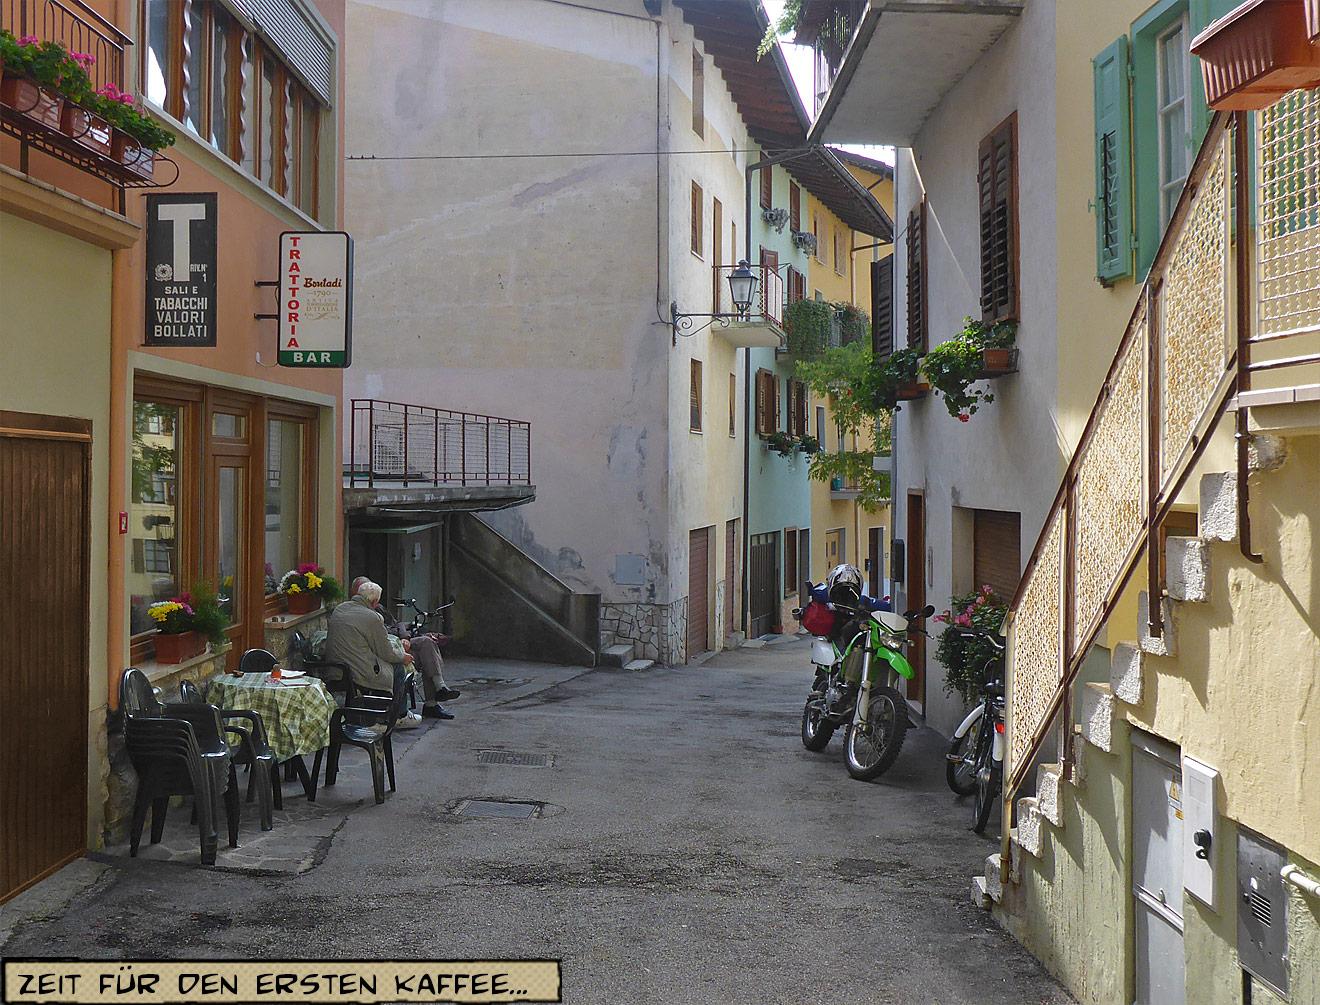 Herbstreise nach Italien 2017